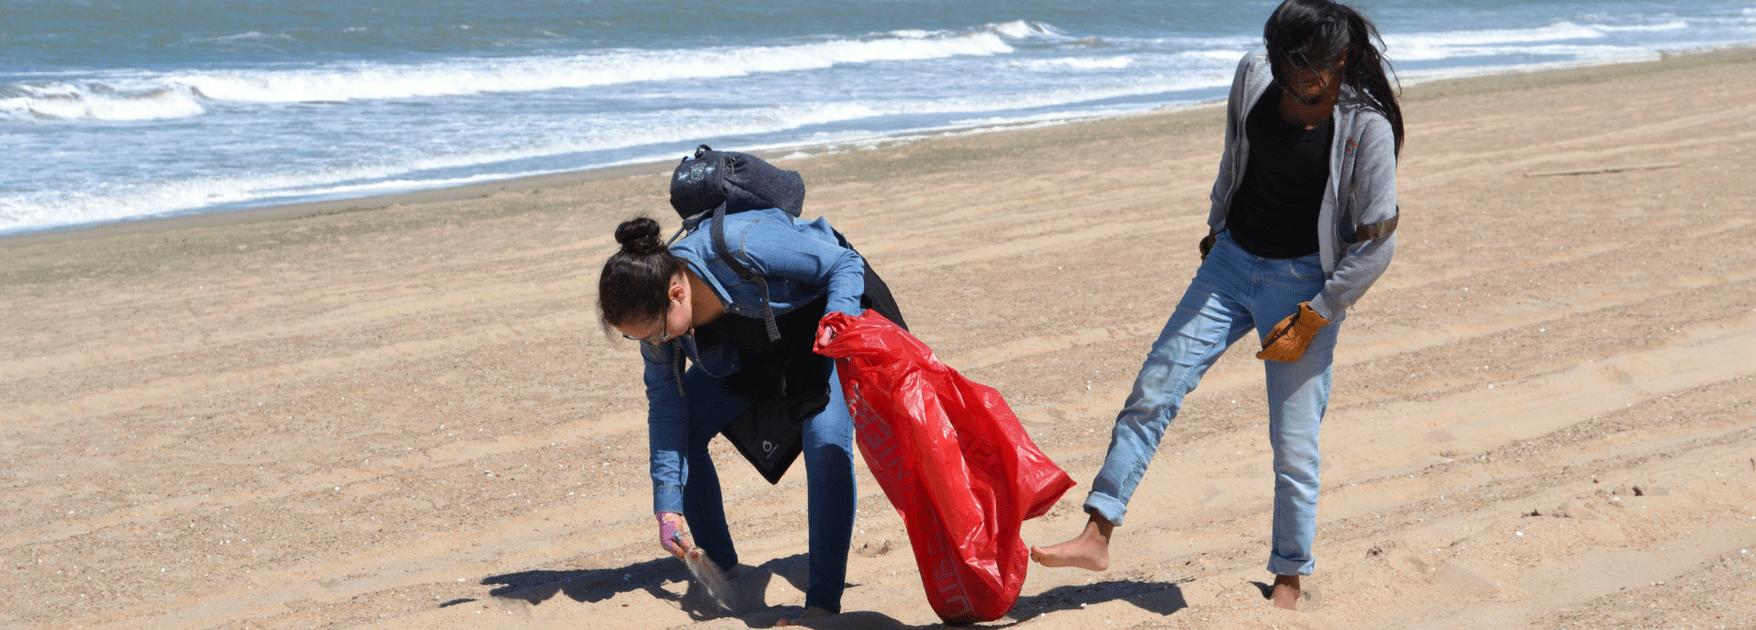 hero-banner-knoke-beach